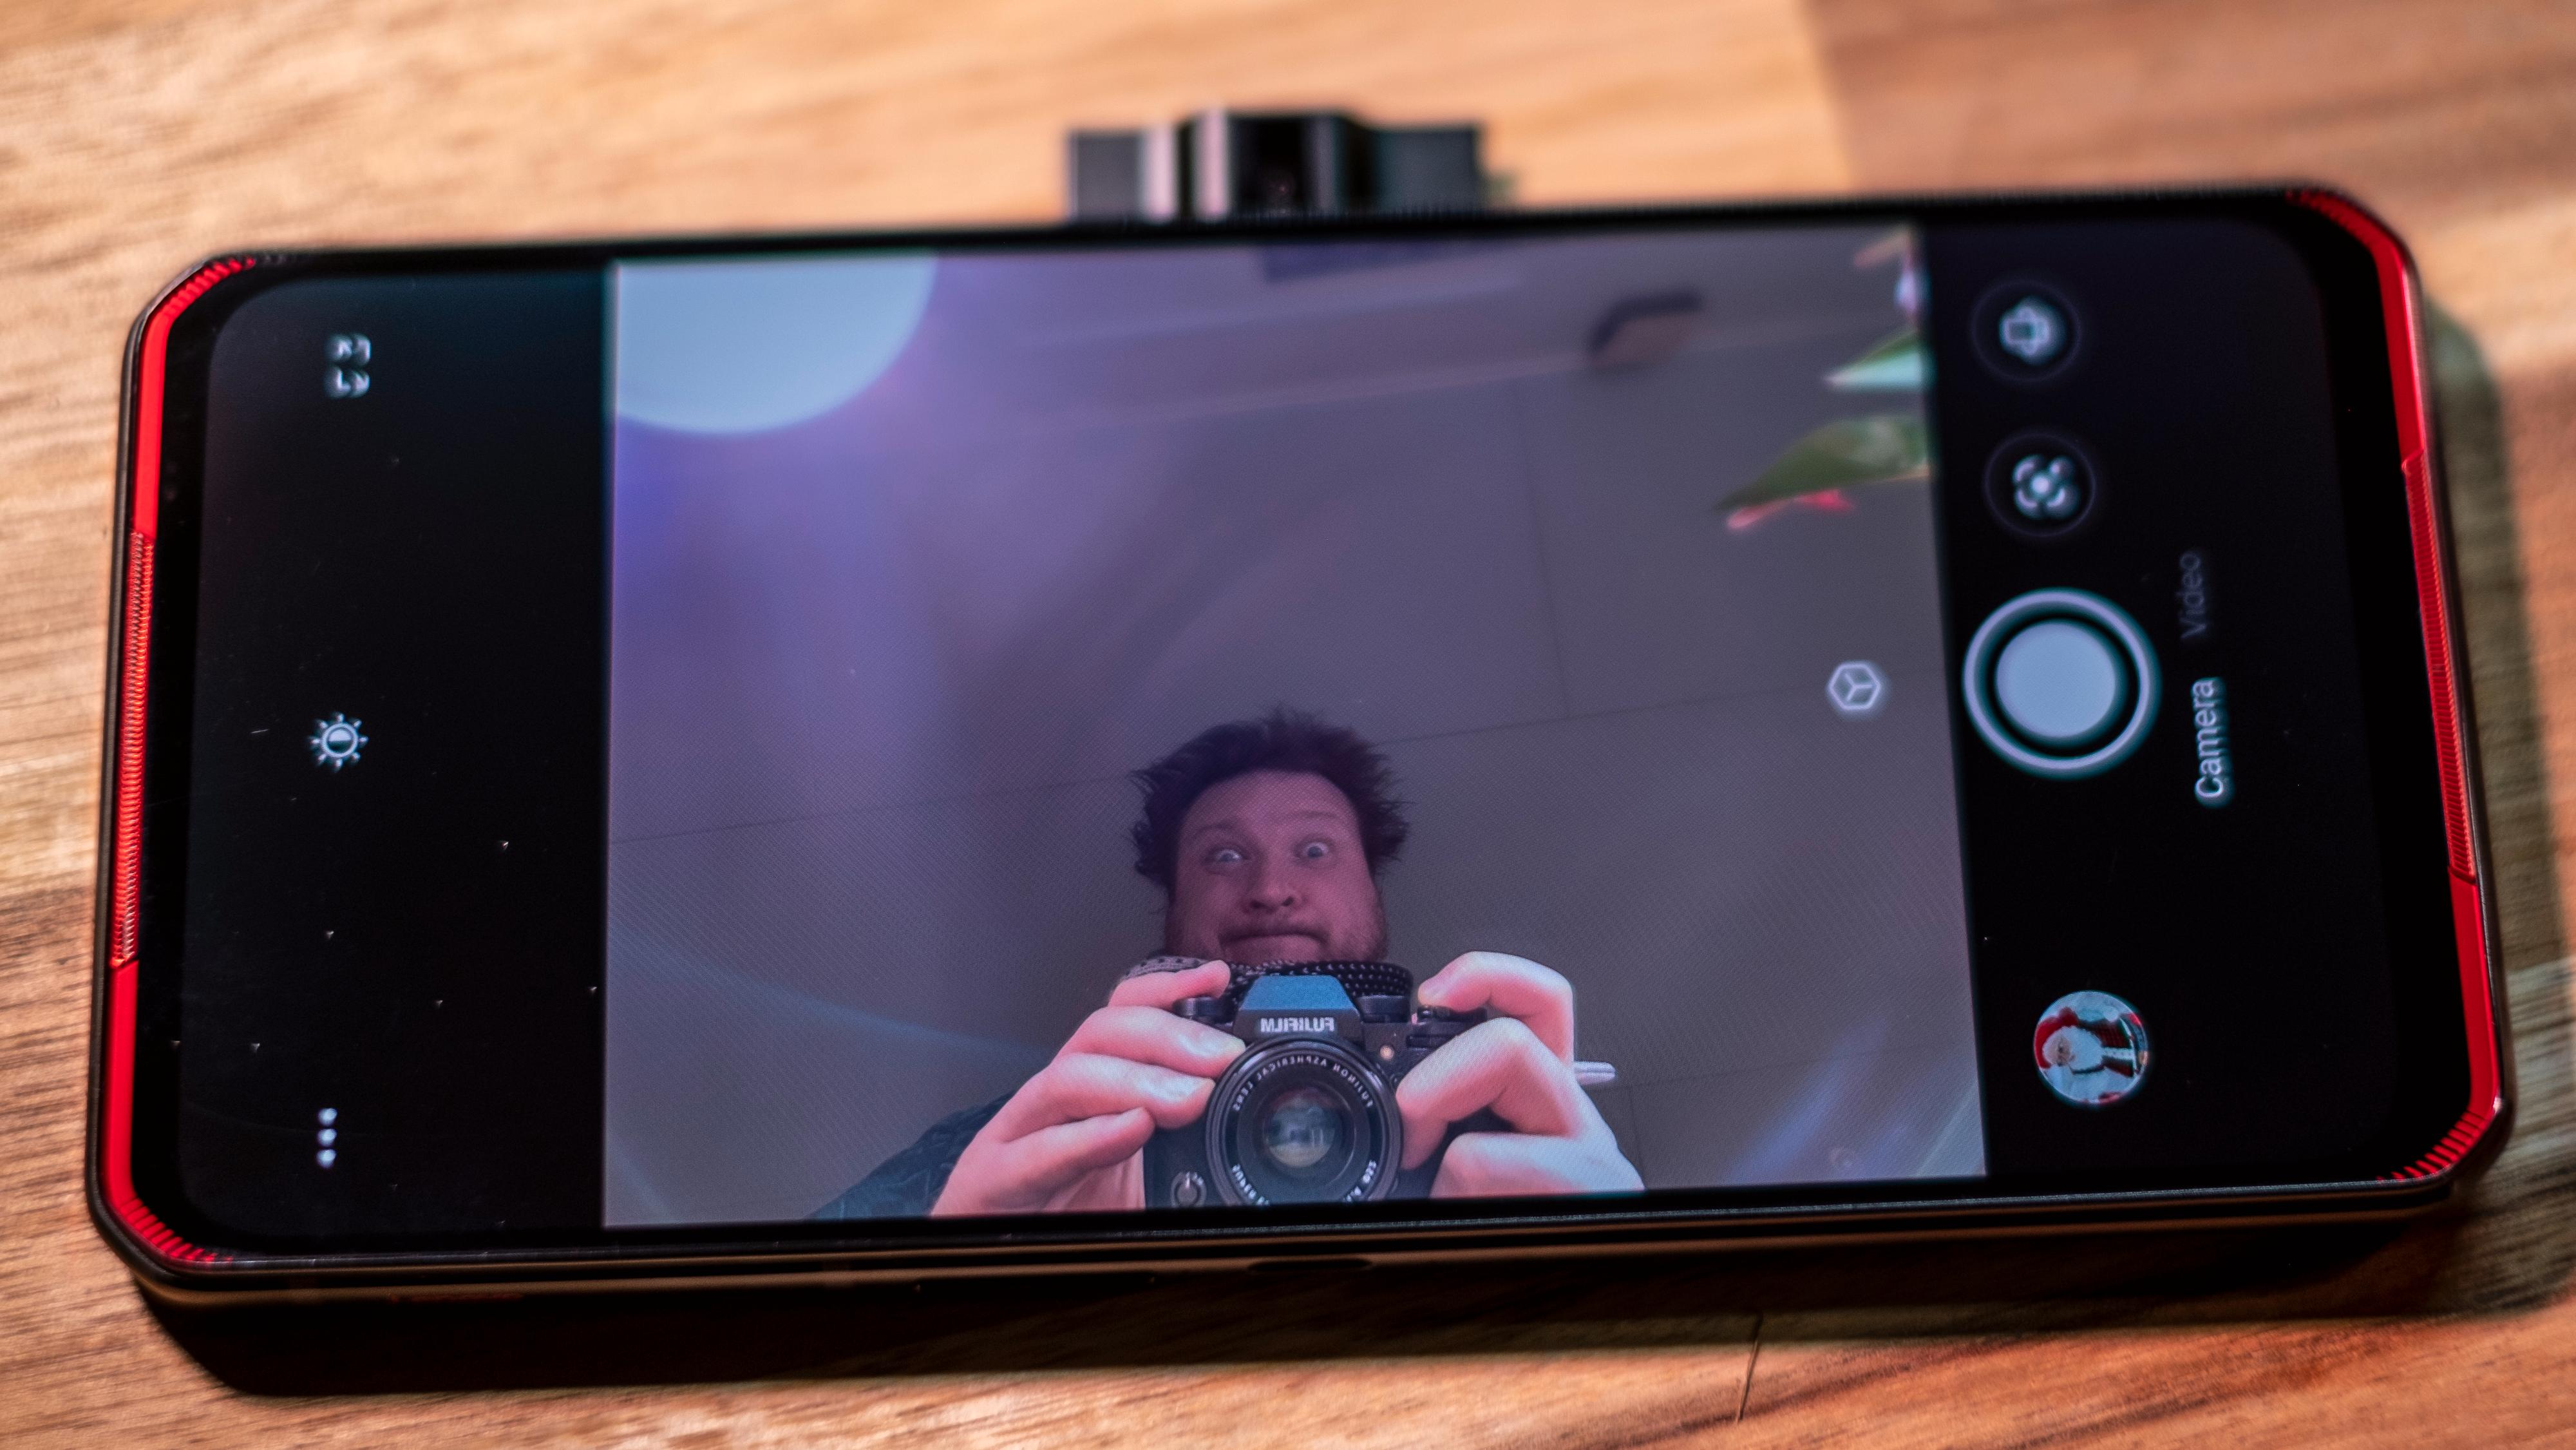 Heisann! Kameraet spretter ut på siden av telefonen. Det er perfekt for strømming mens du spiller - og vesentlig mindre perfekt for en kjapp selfie med én hånd.